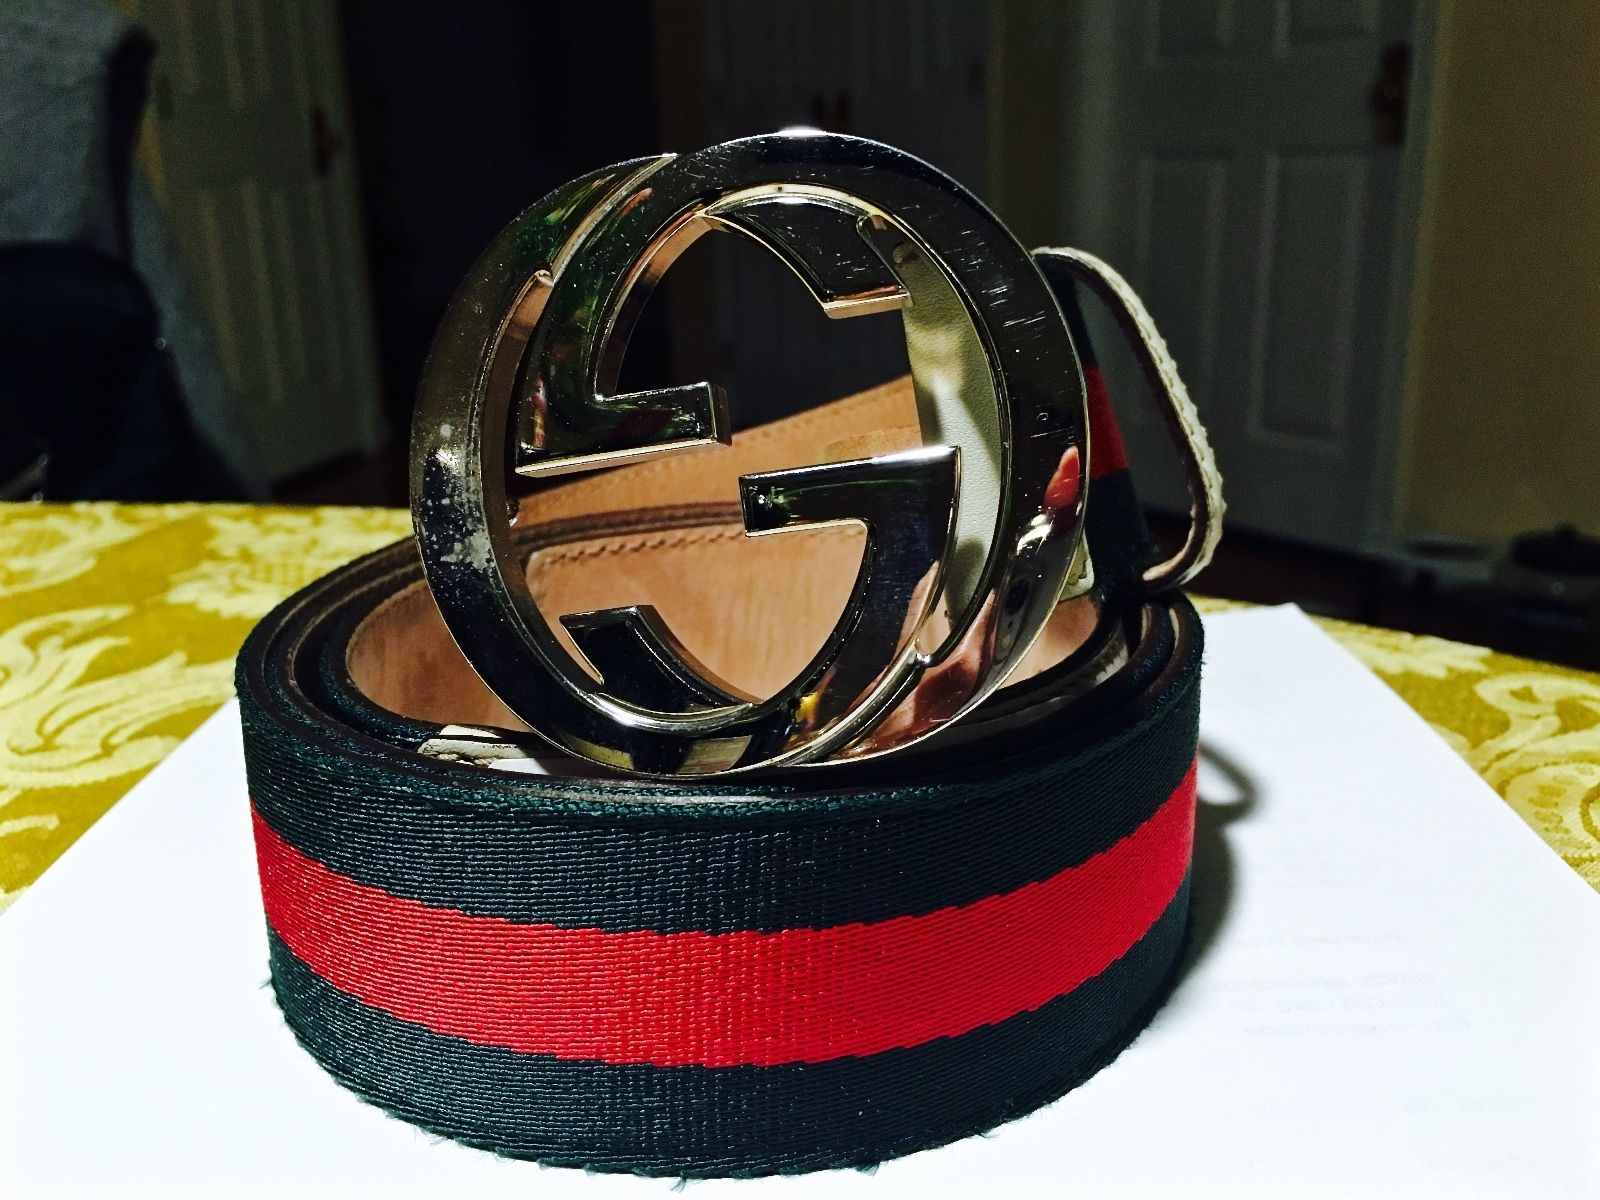 Red Gucci Belt | Real Gucci Belt | Womens Fendi Belt